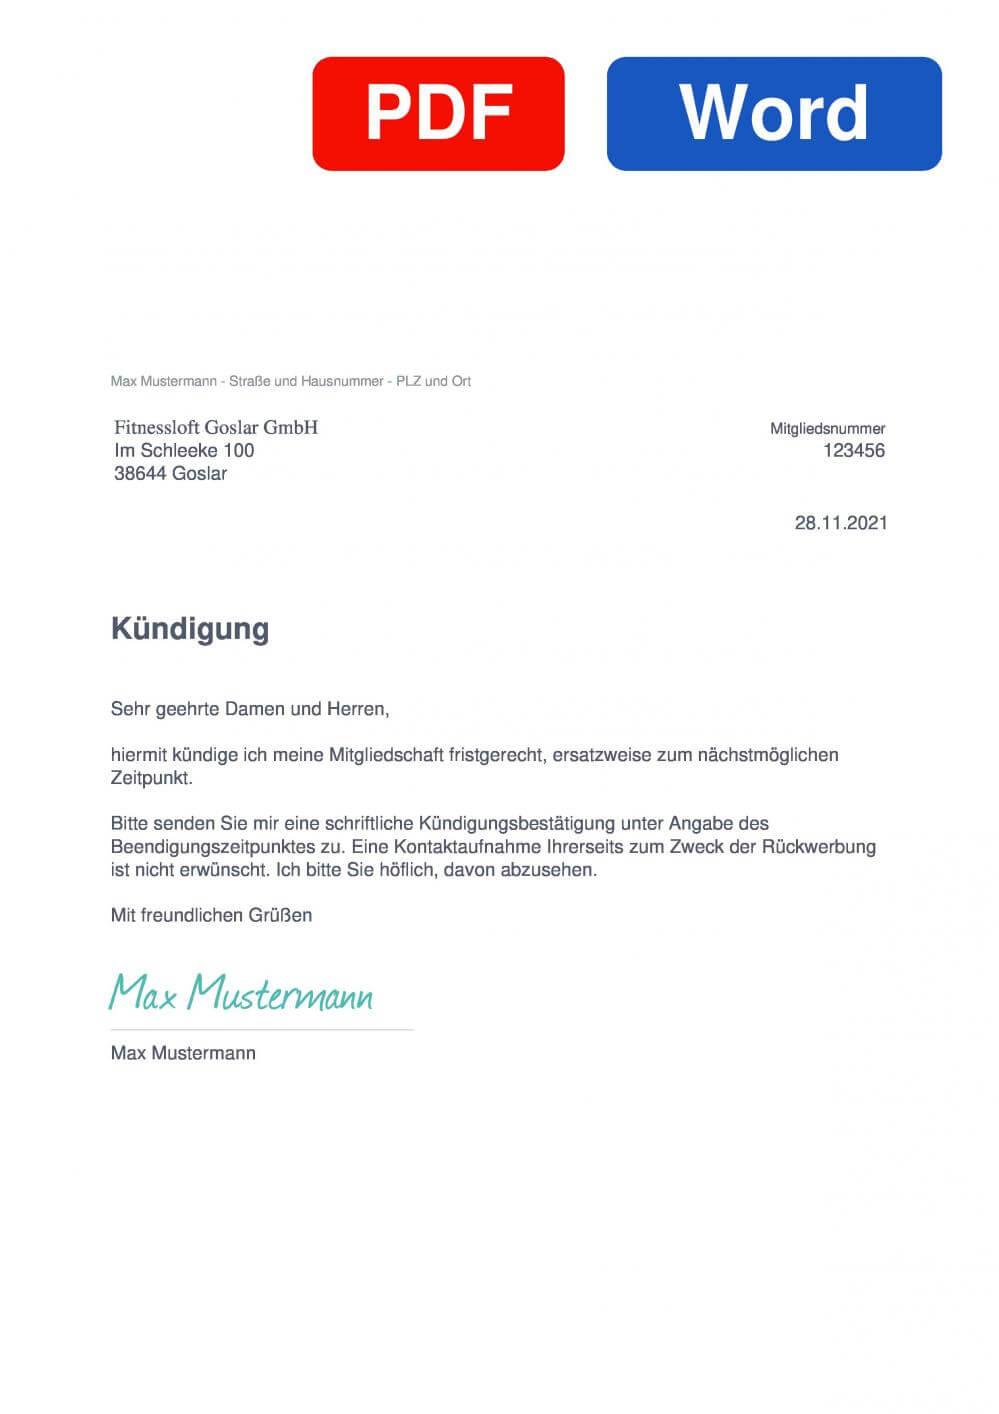 FitnessLOFT Goslar Muster Vorlage für Kündigungsschreiben